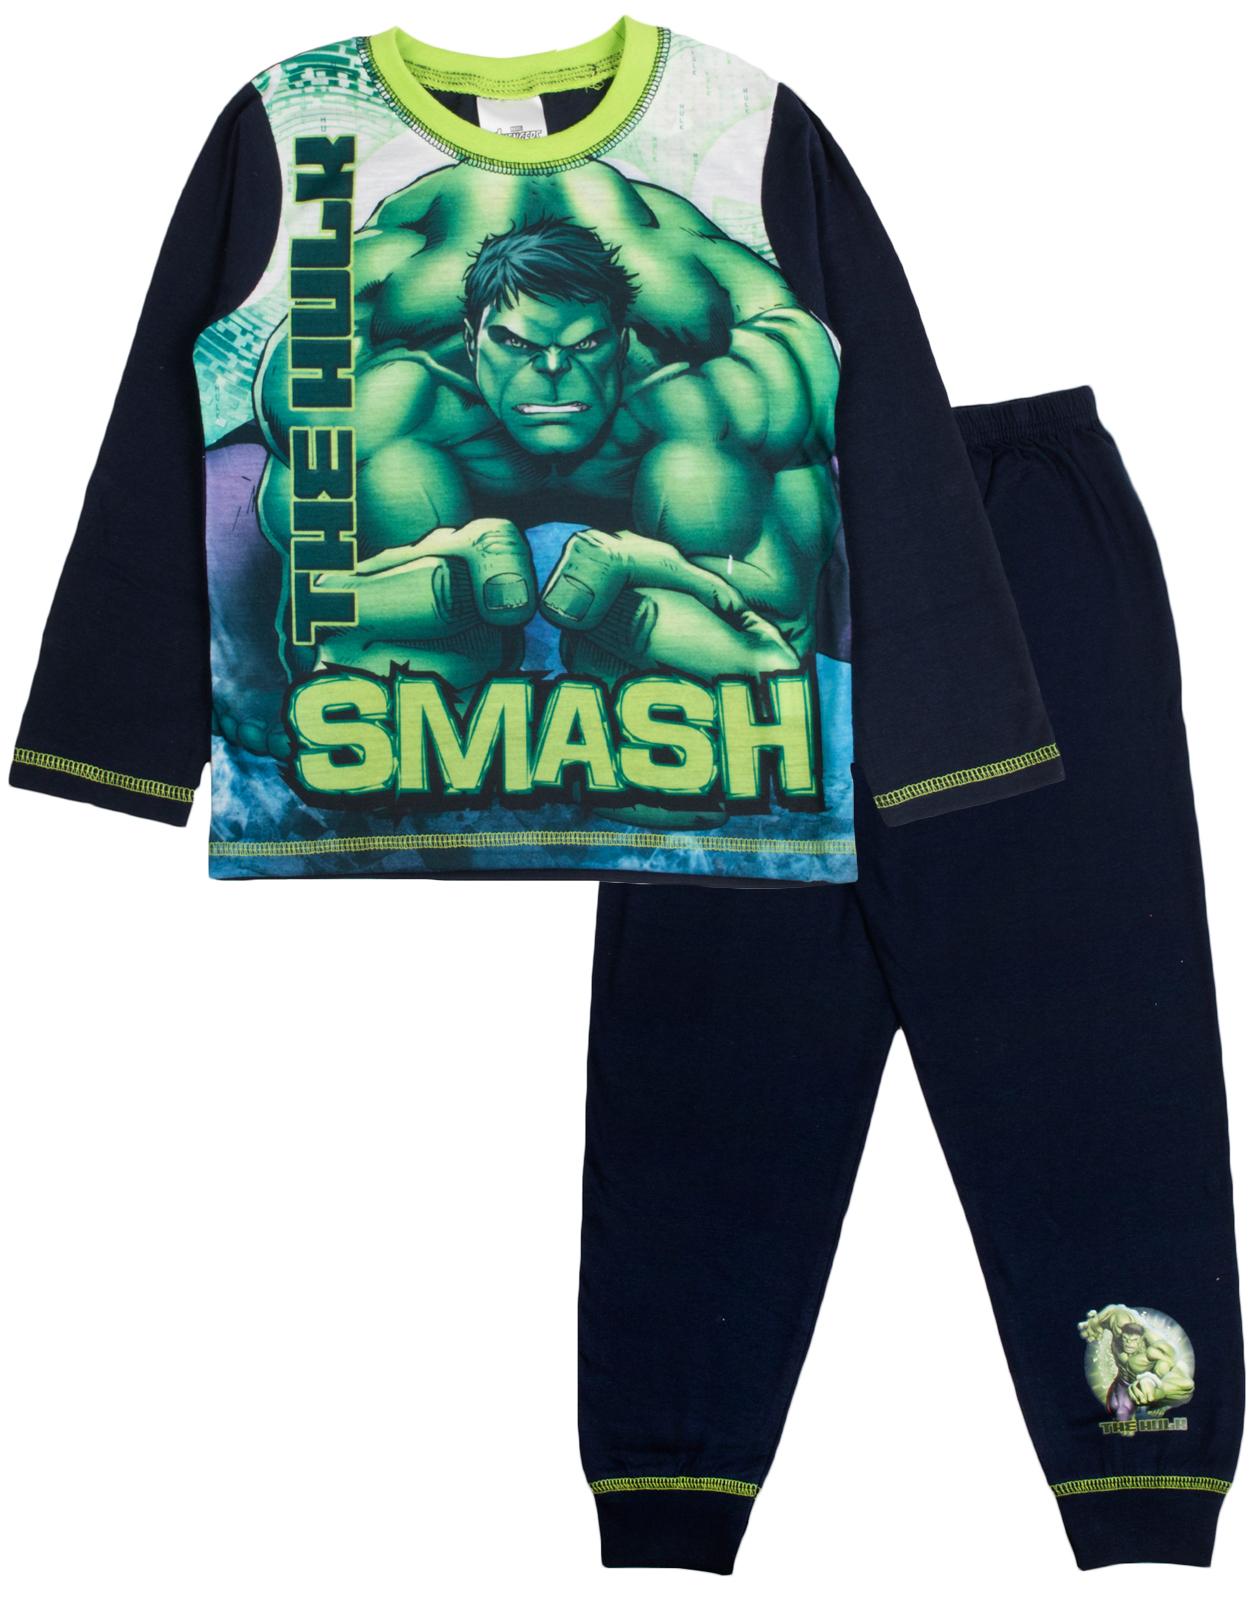 The Incredible Hulk Fist Chicos Pijamas 9-10 a/ños